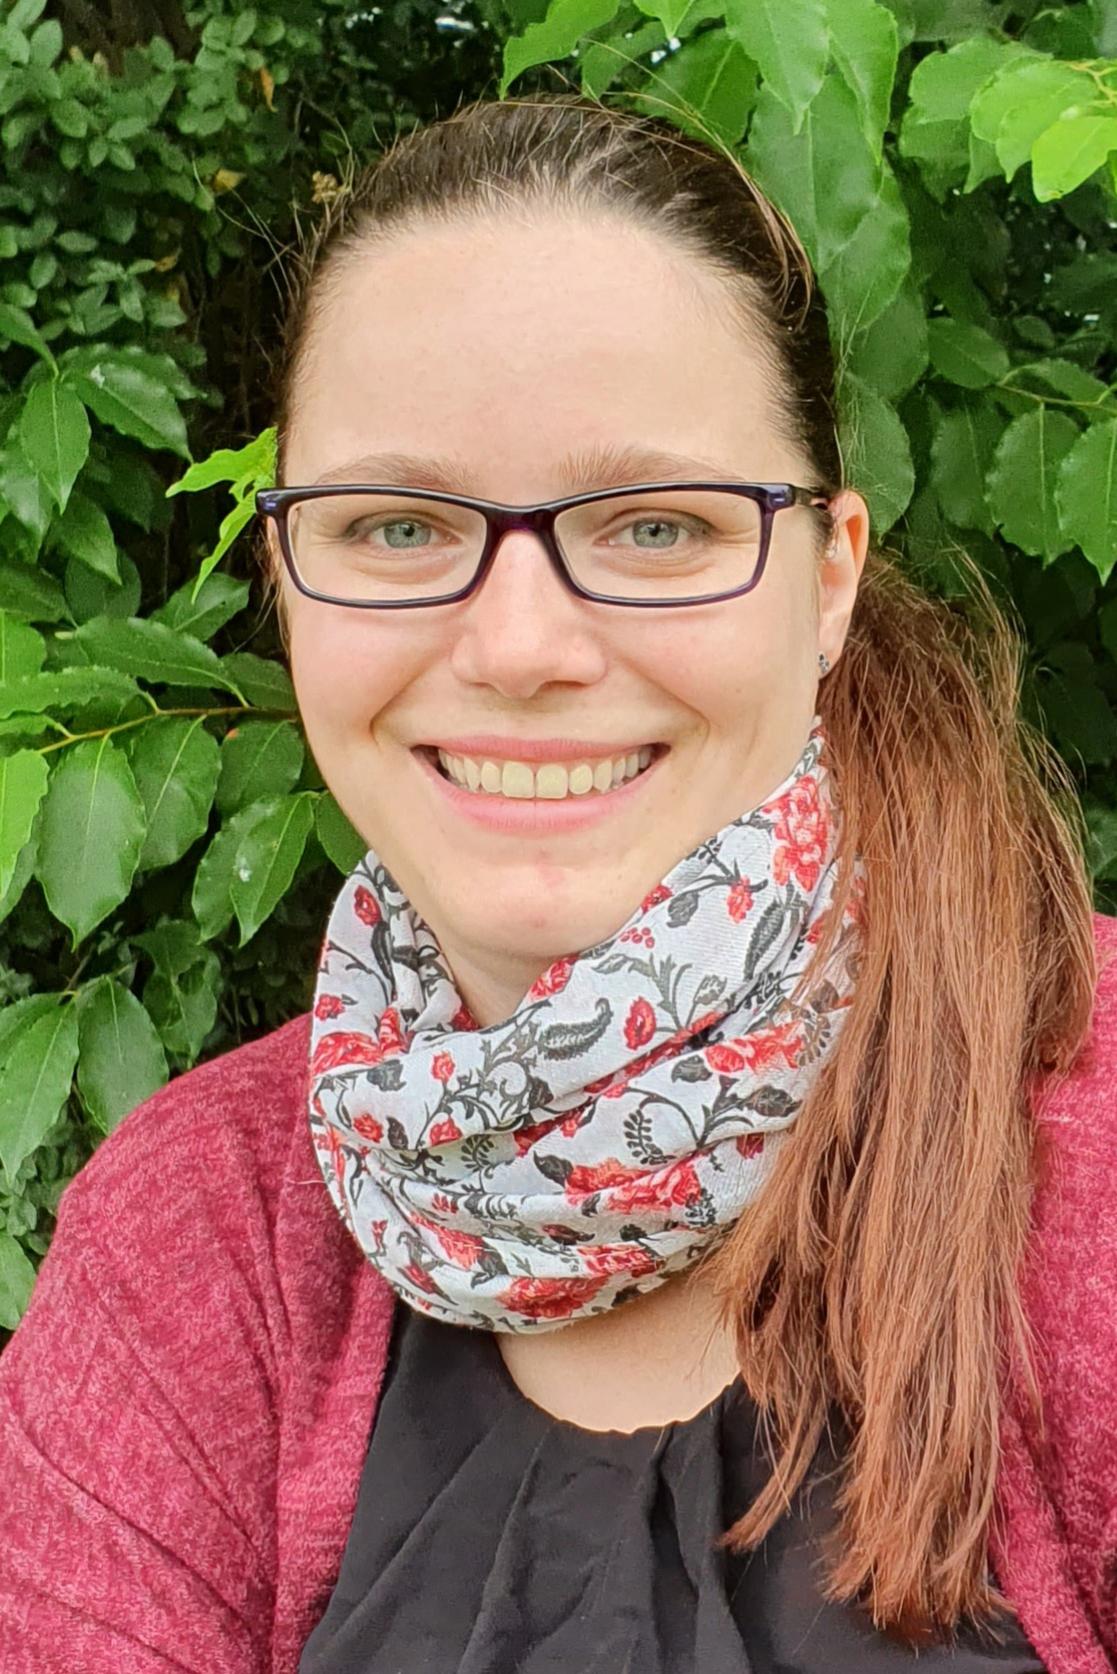 Profilbild_Platzhalter